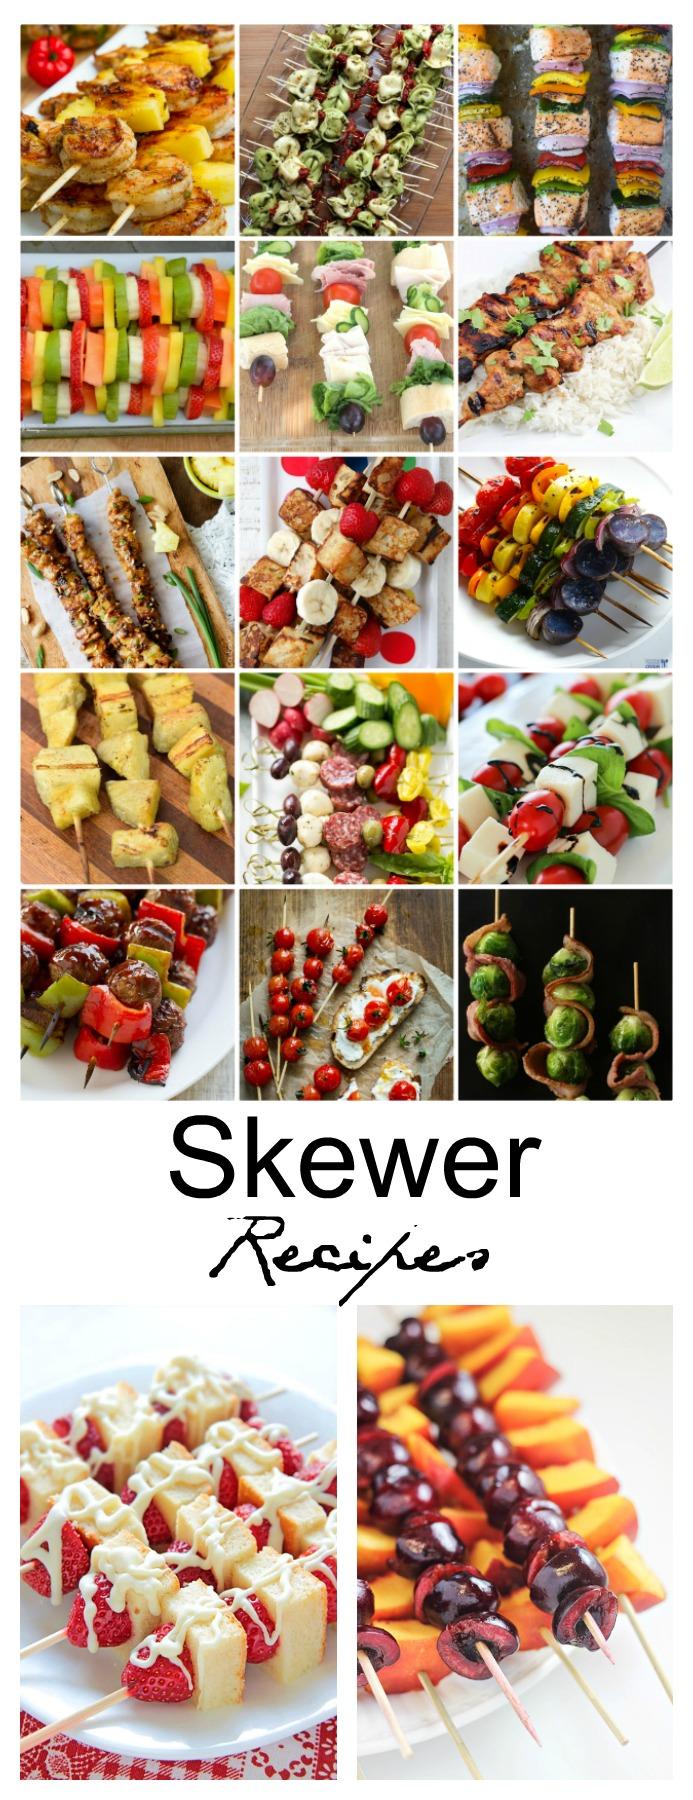 Skewer-Recipe-Ideas-Pin